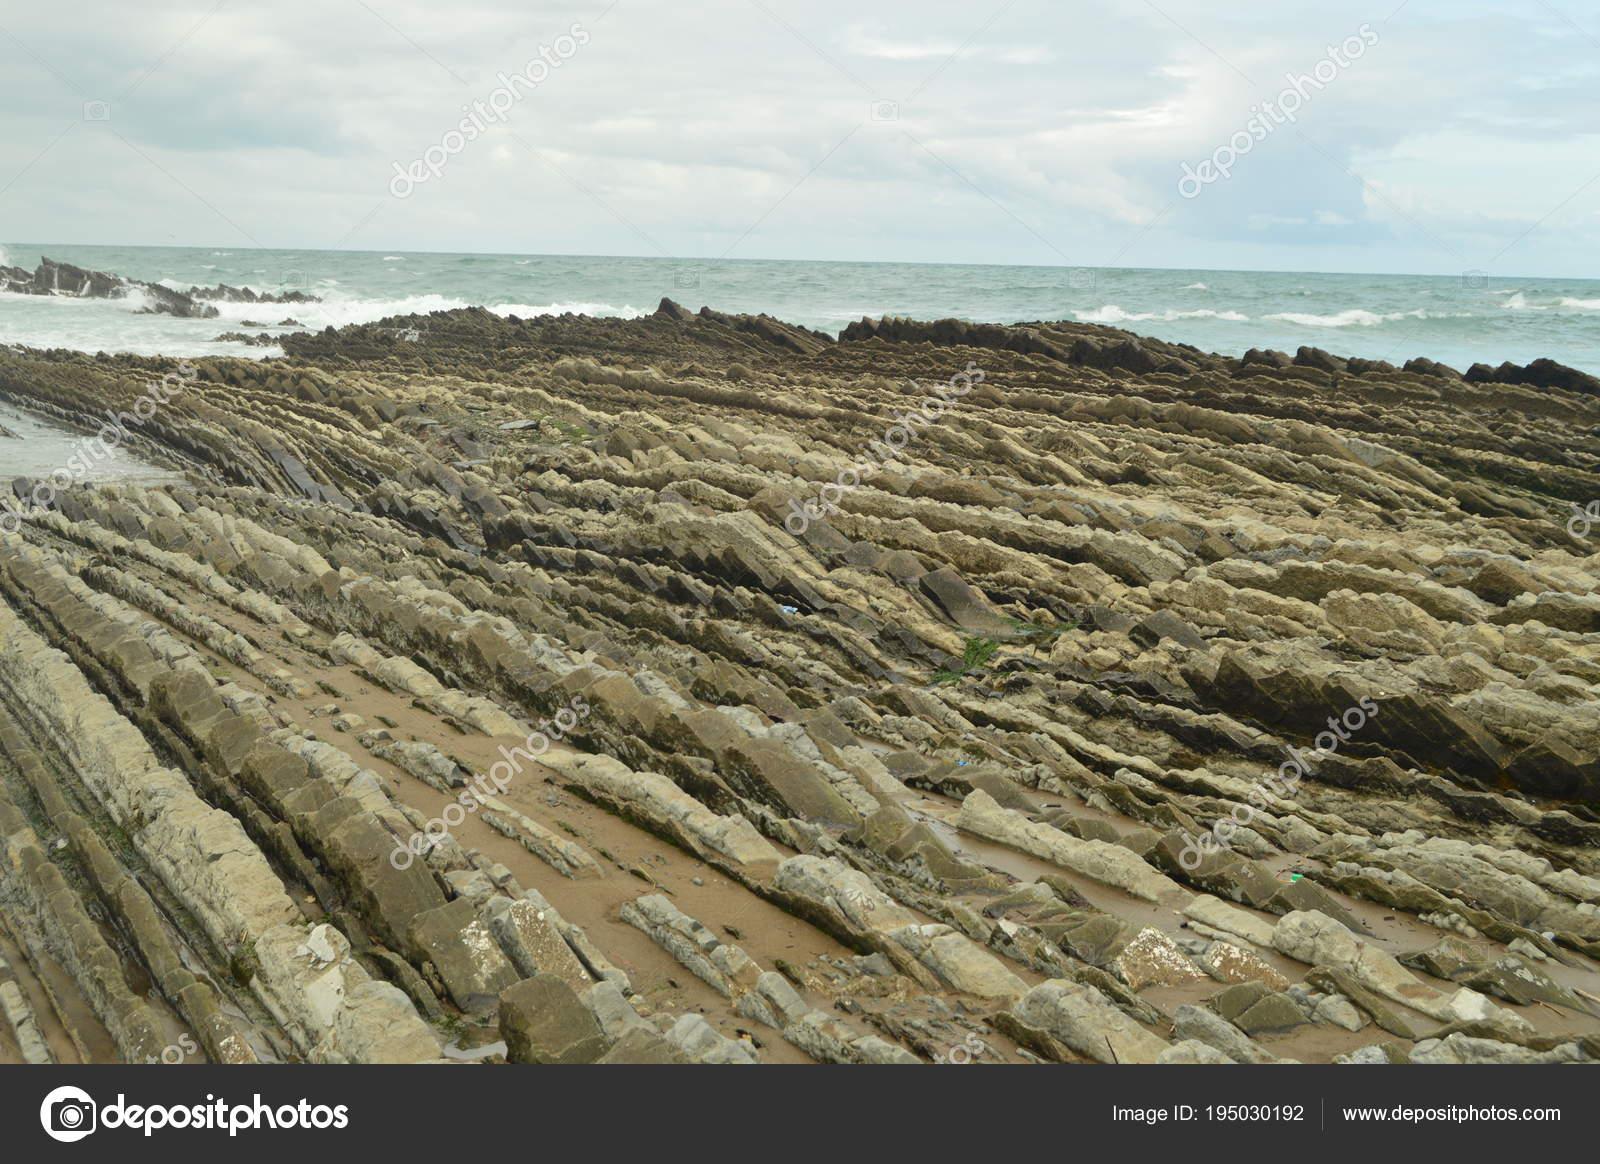 Geologische Formationen Strand Mit Abgang Auf Dem Meer Der Flysch